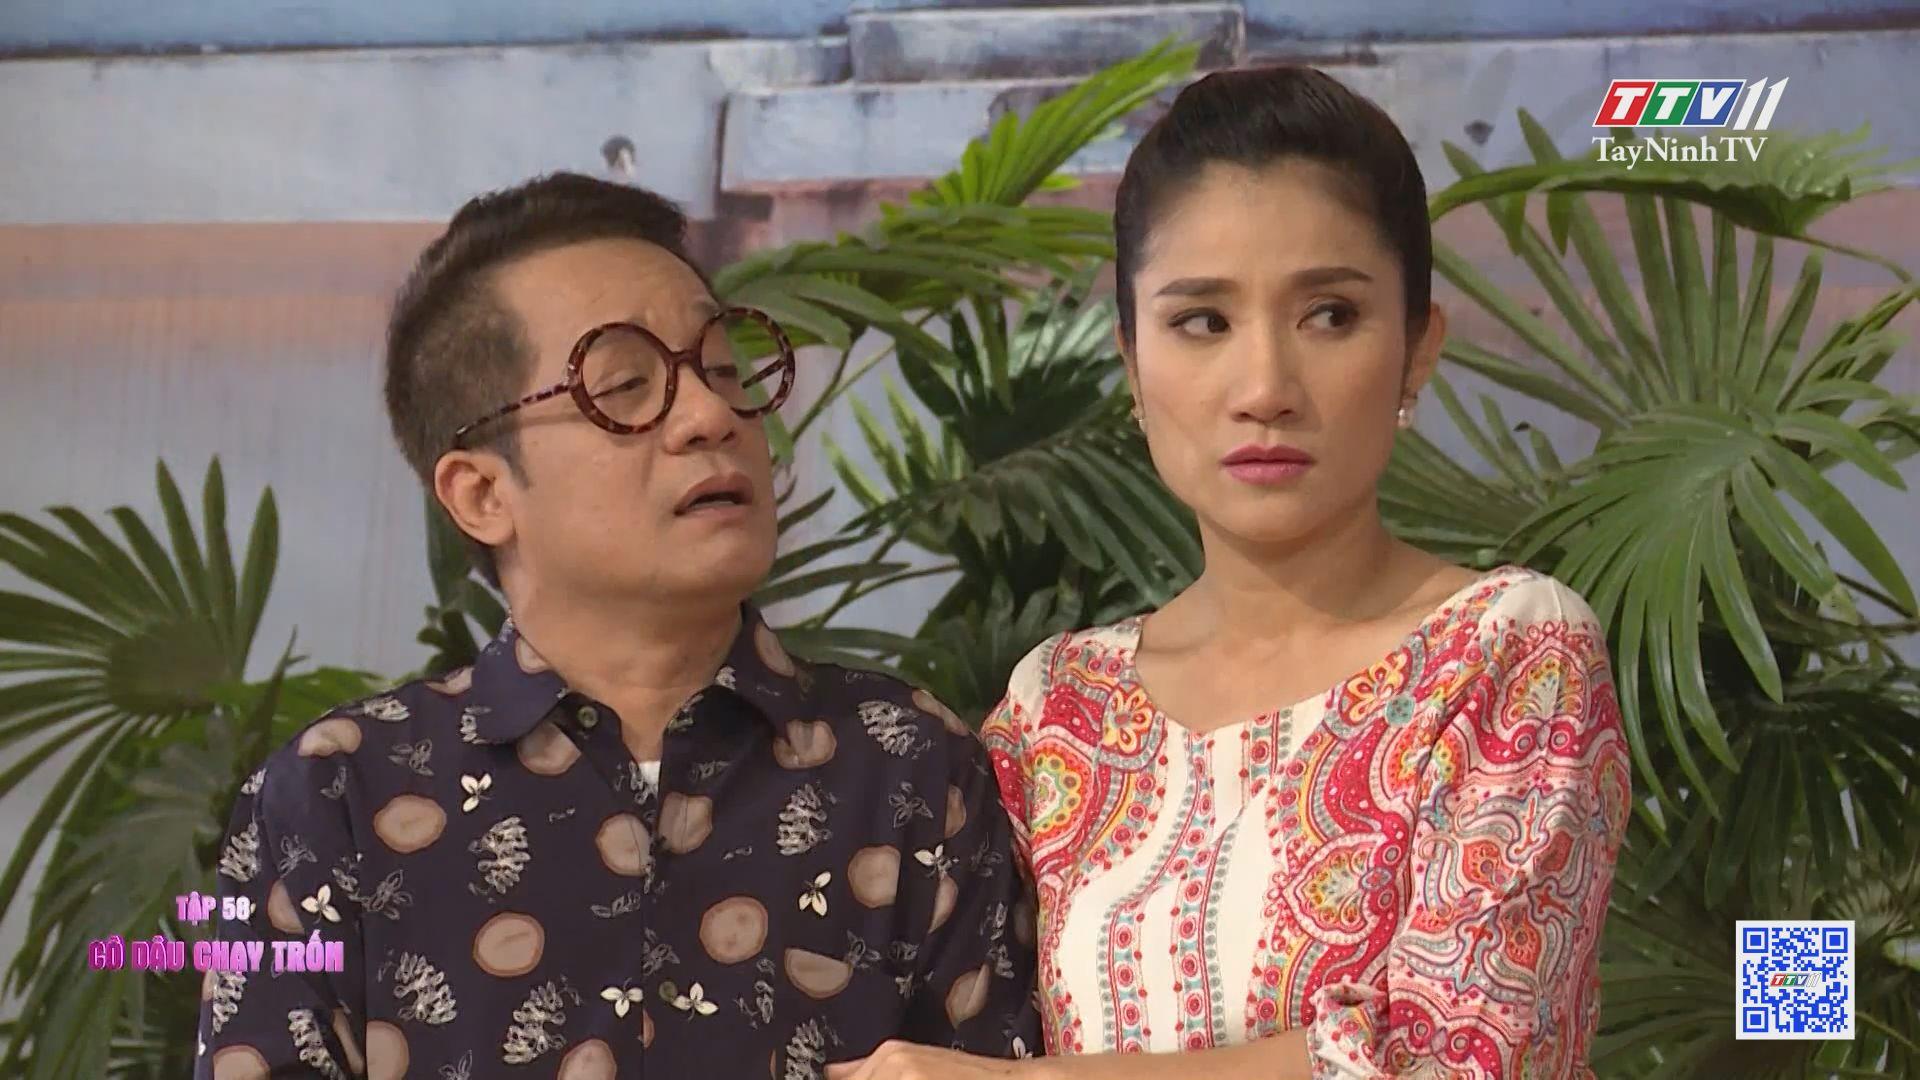 Nhật ký vợ chồng son-Tập 50 đến 61-TRAILER | GIỚI THIỆU PHIM | TayNinhTV